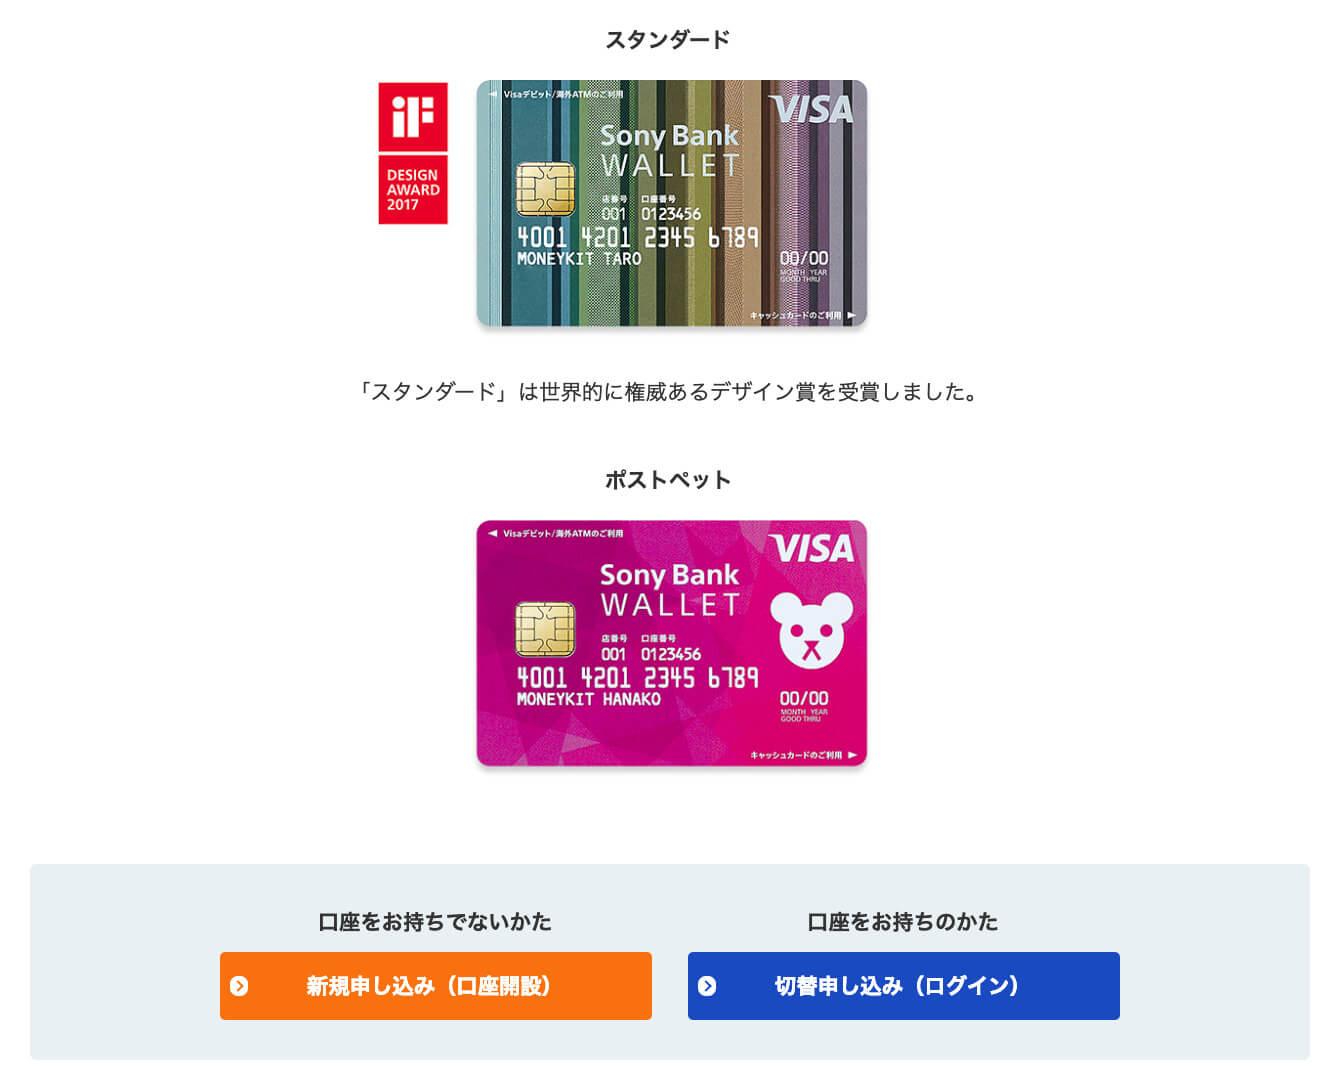 ソニー銀行で口座開設とデビットカードを同時申し込み